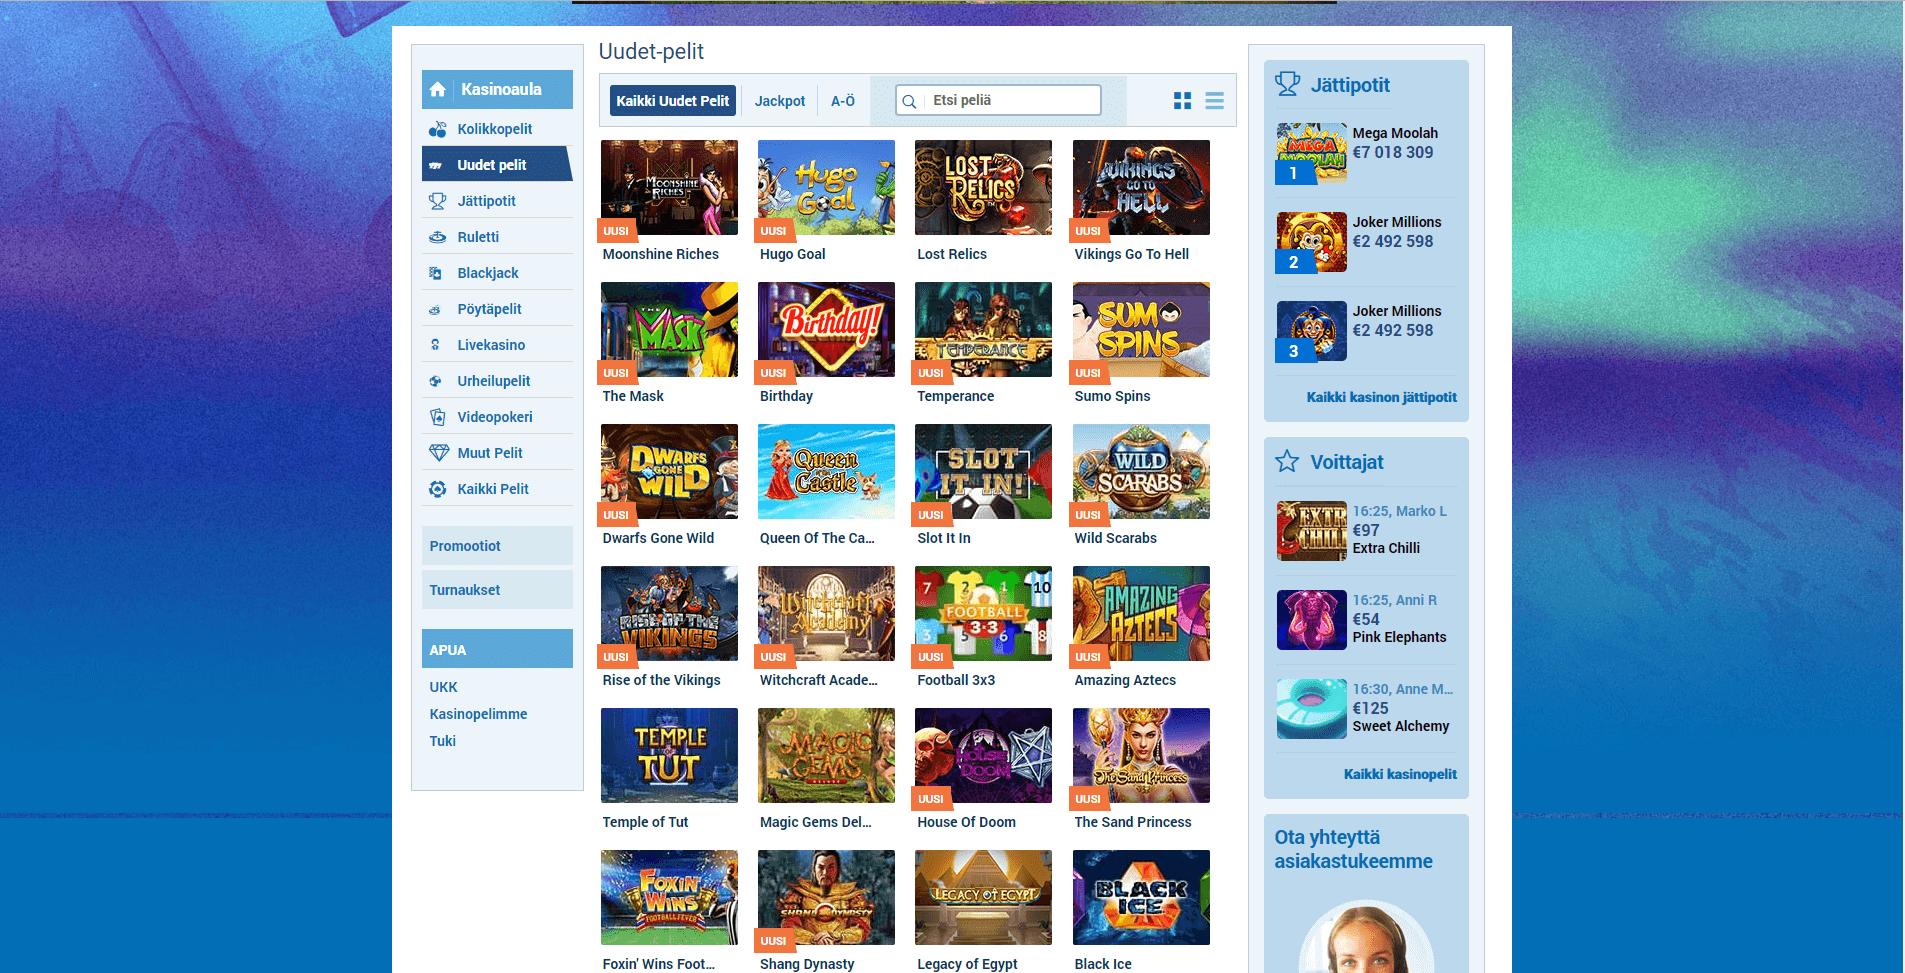 NordicSlots Games